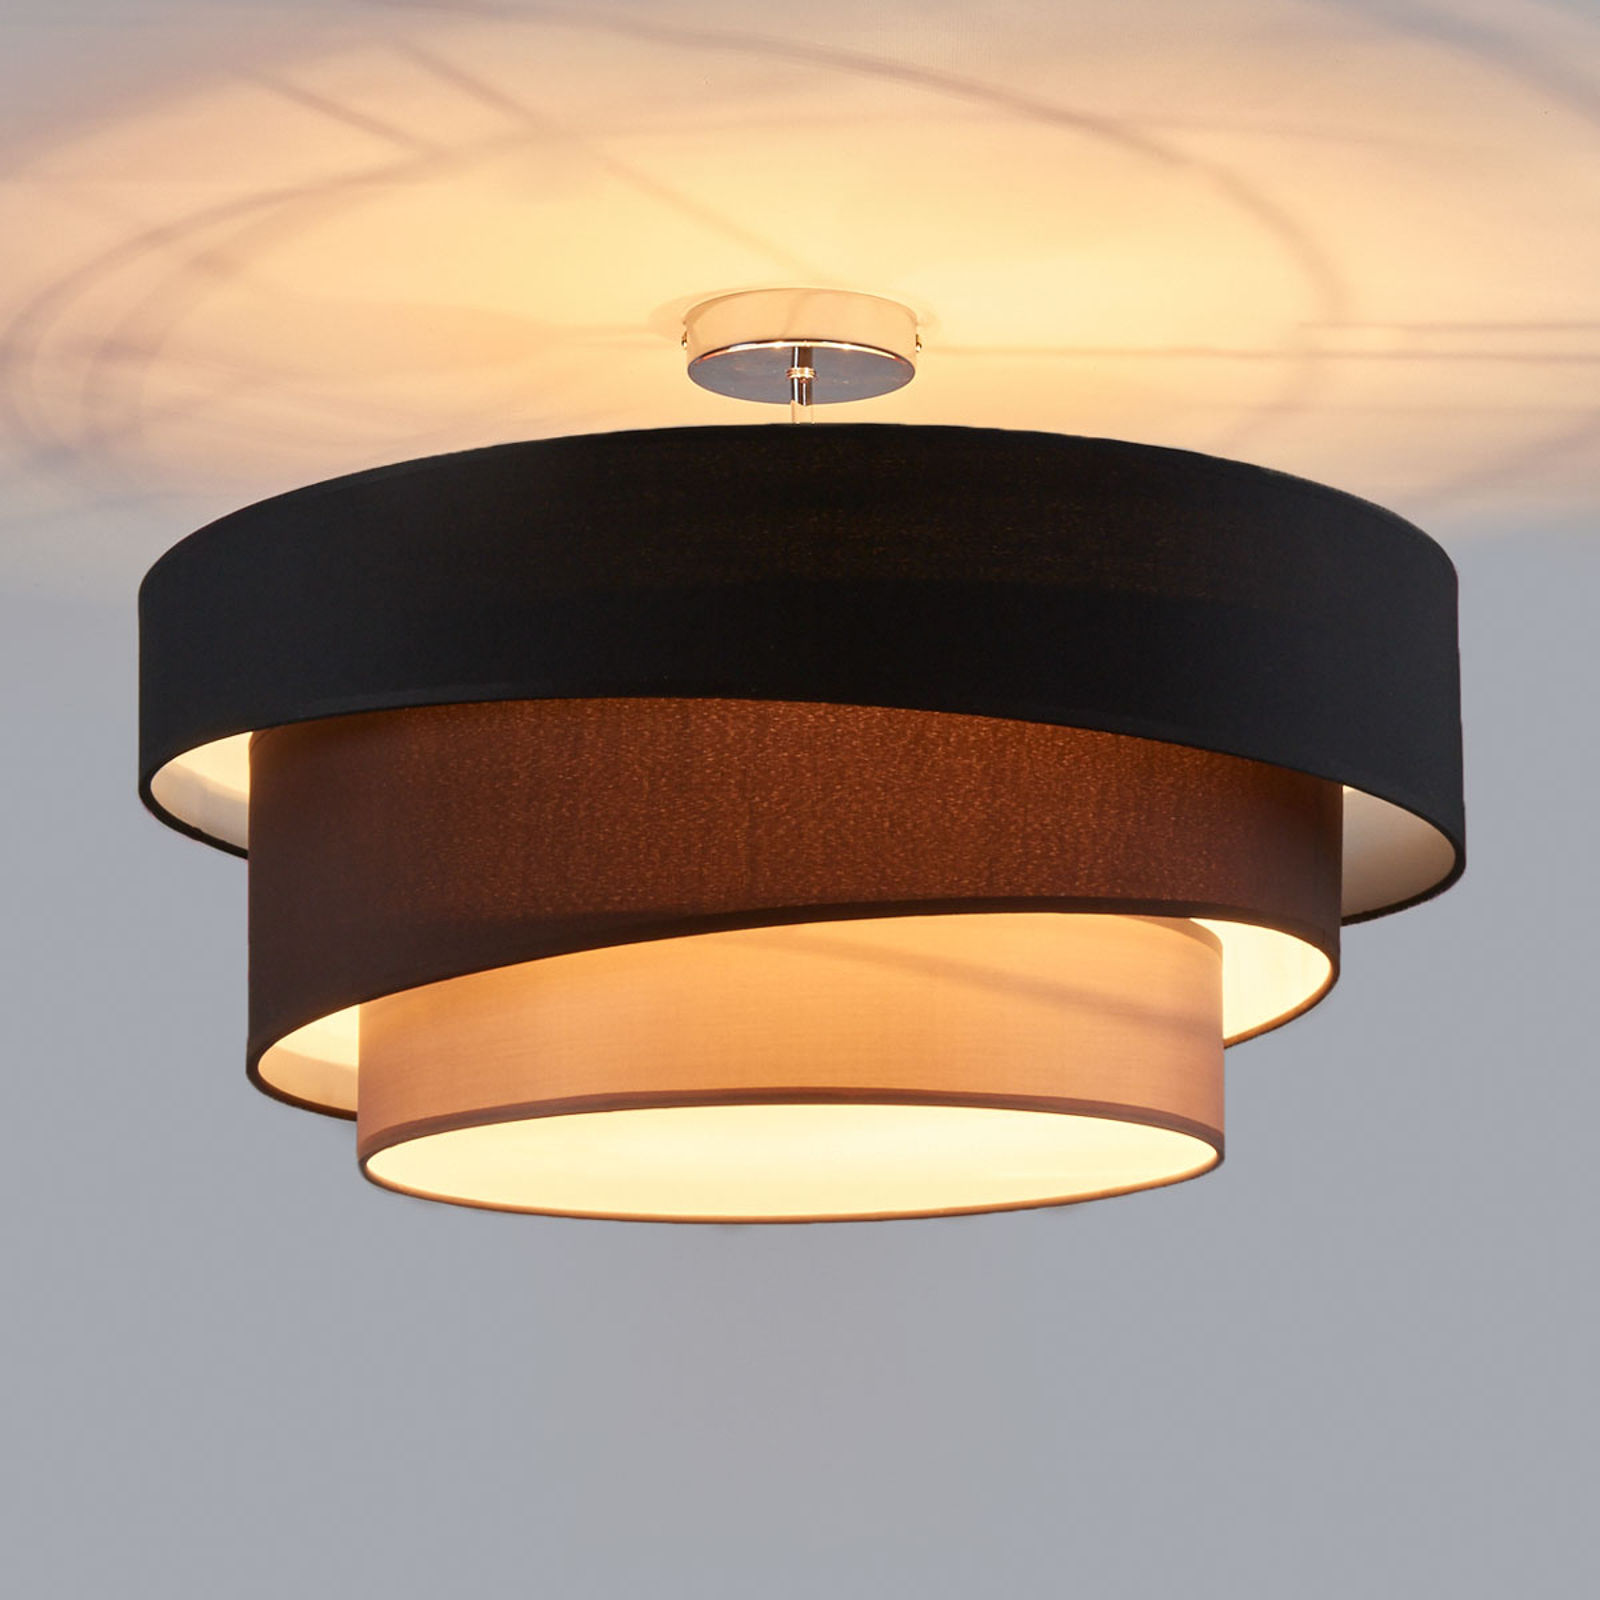 Atrakcyjna lampa sufitowa Melia, czarno-brązowa